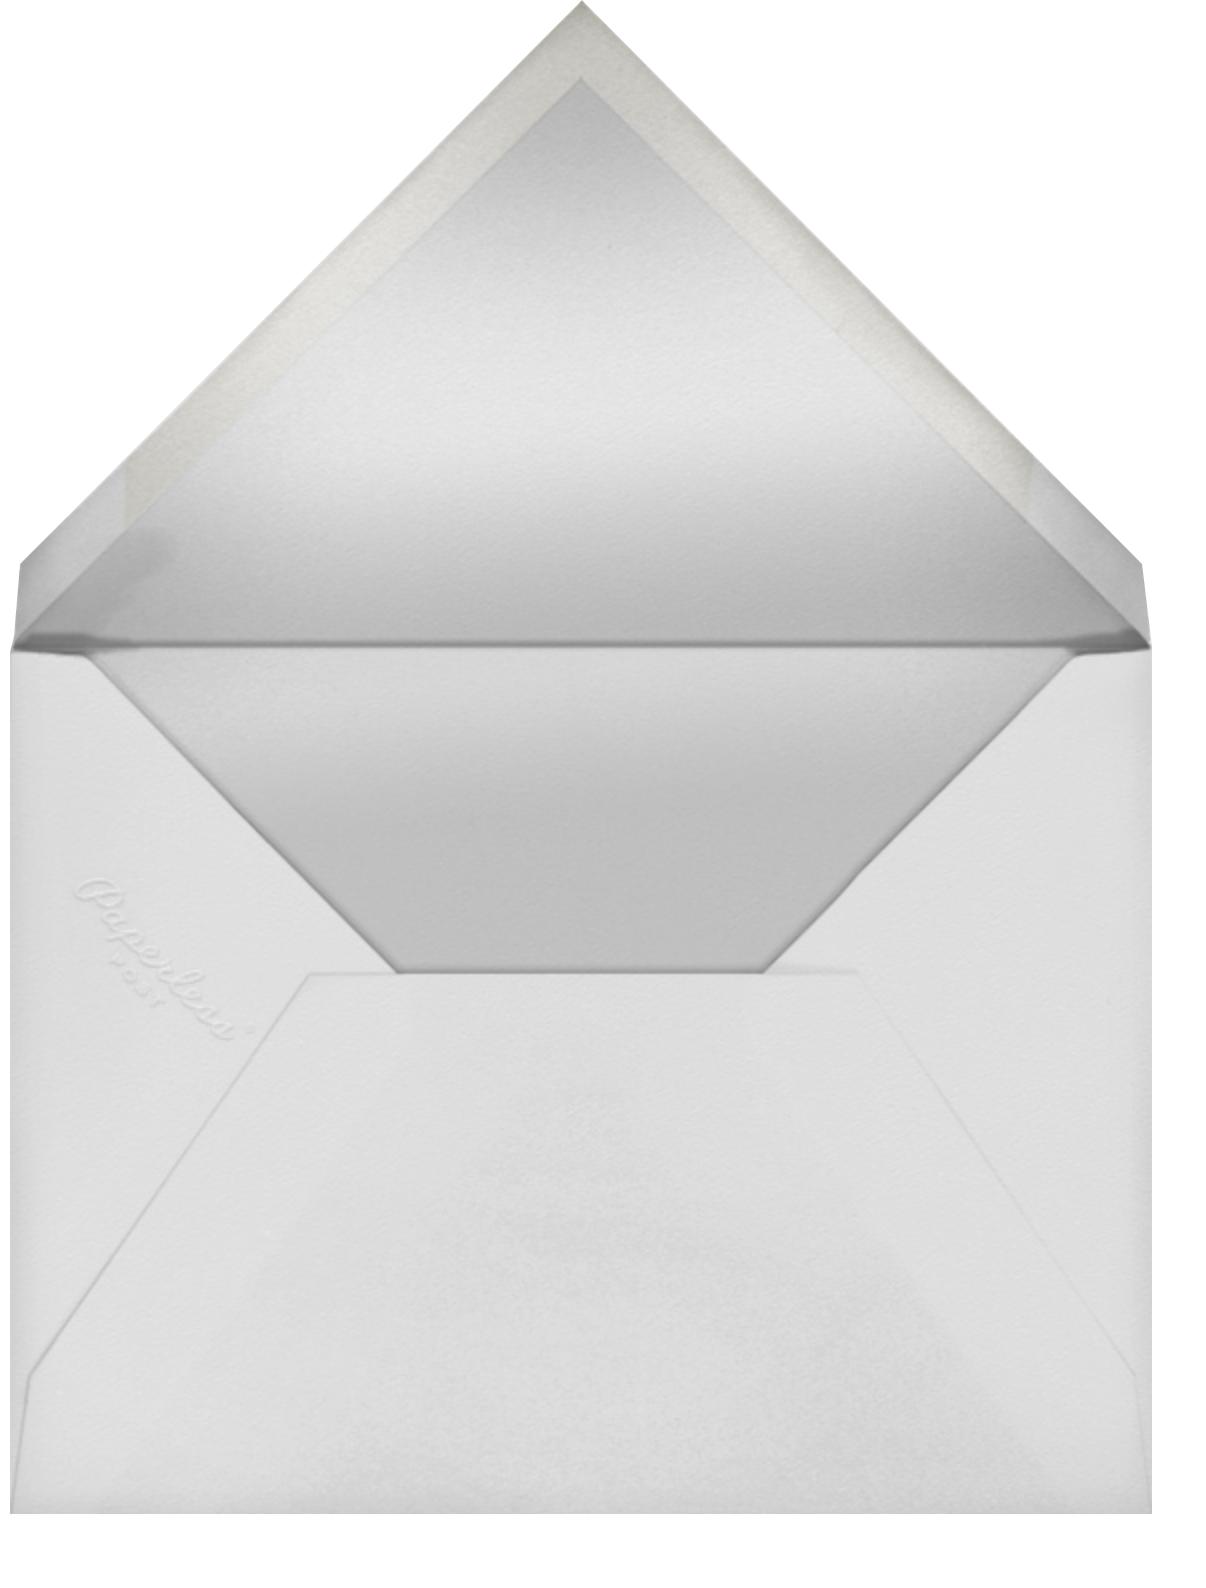 Richmond Park (Program) - White/Gold - Oscar de la Renta - Menus and programs - envelope back